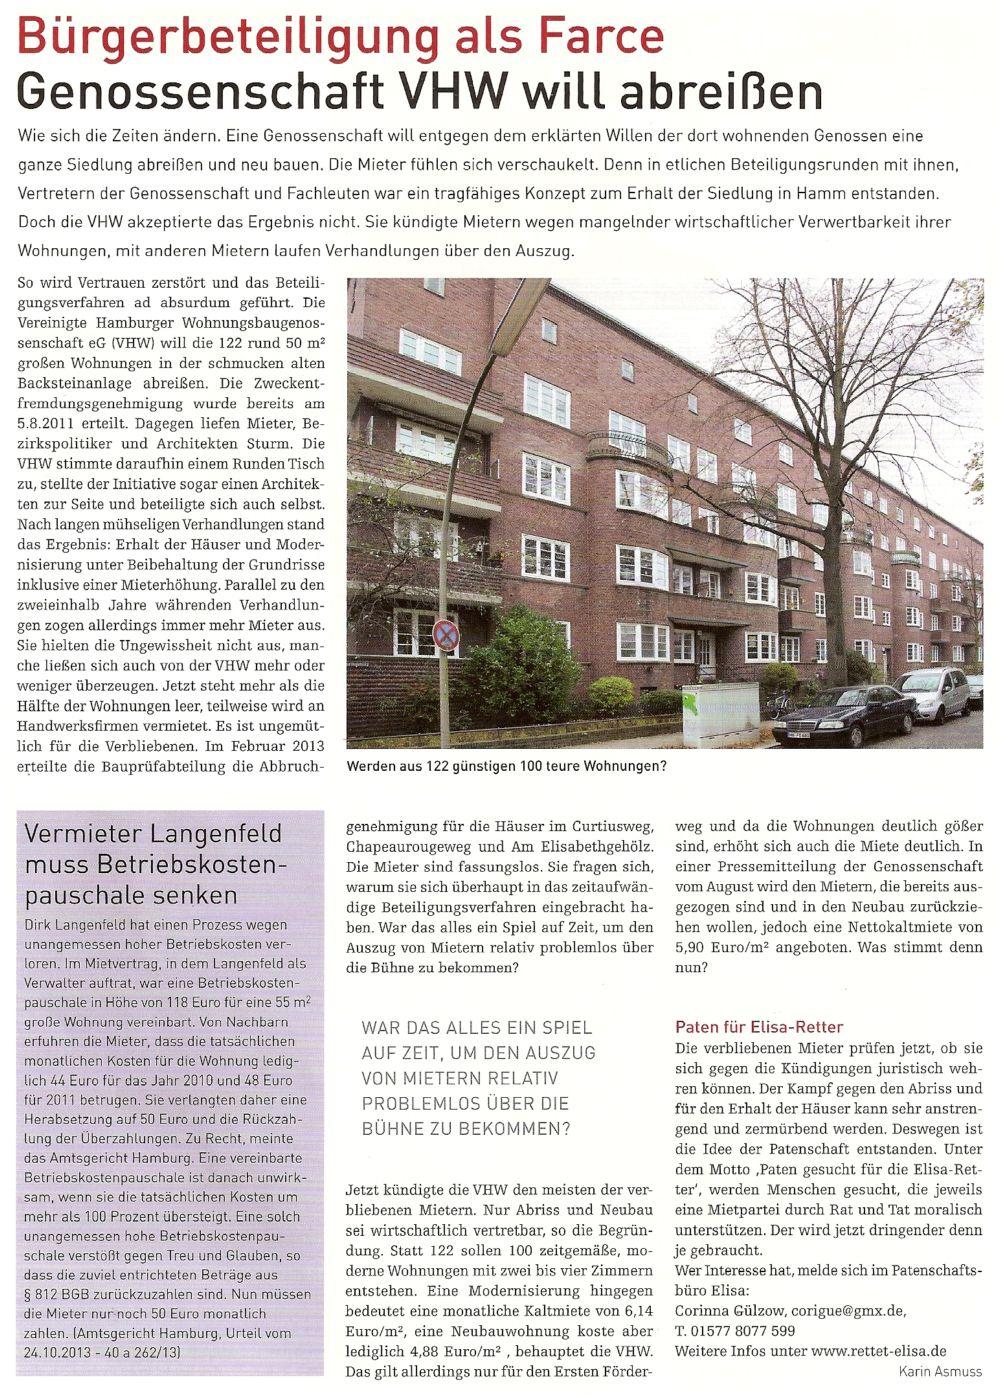 Artikel-in-der-Zeitschrift-des-Vereins-Mieter-helfen-Mietern